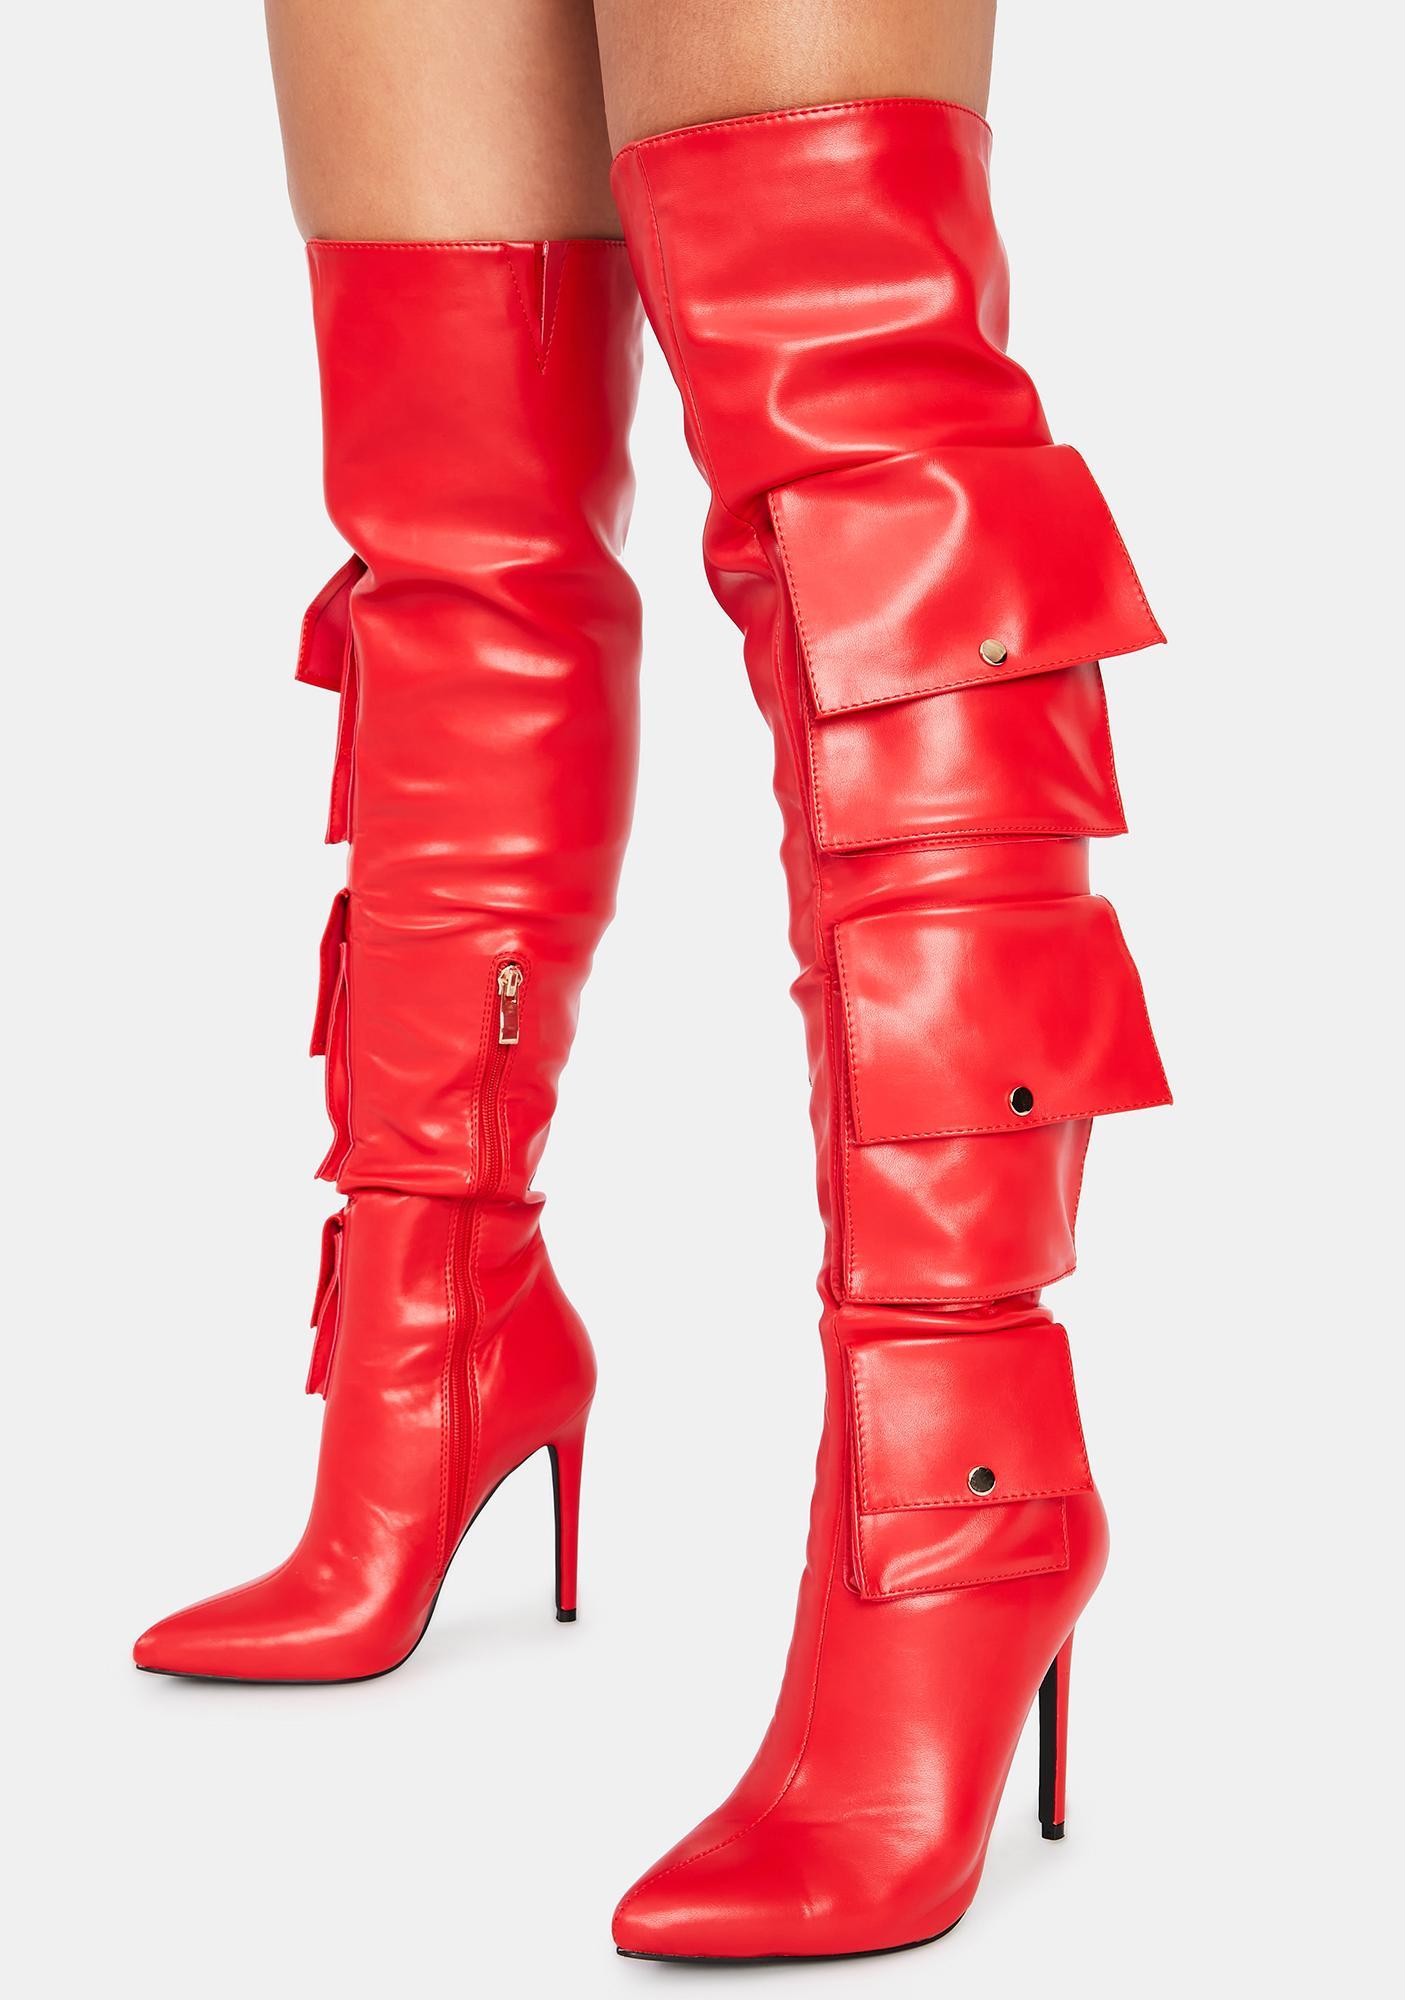 AZALEA WANG Rocket Thigh High Boots